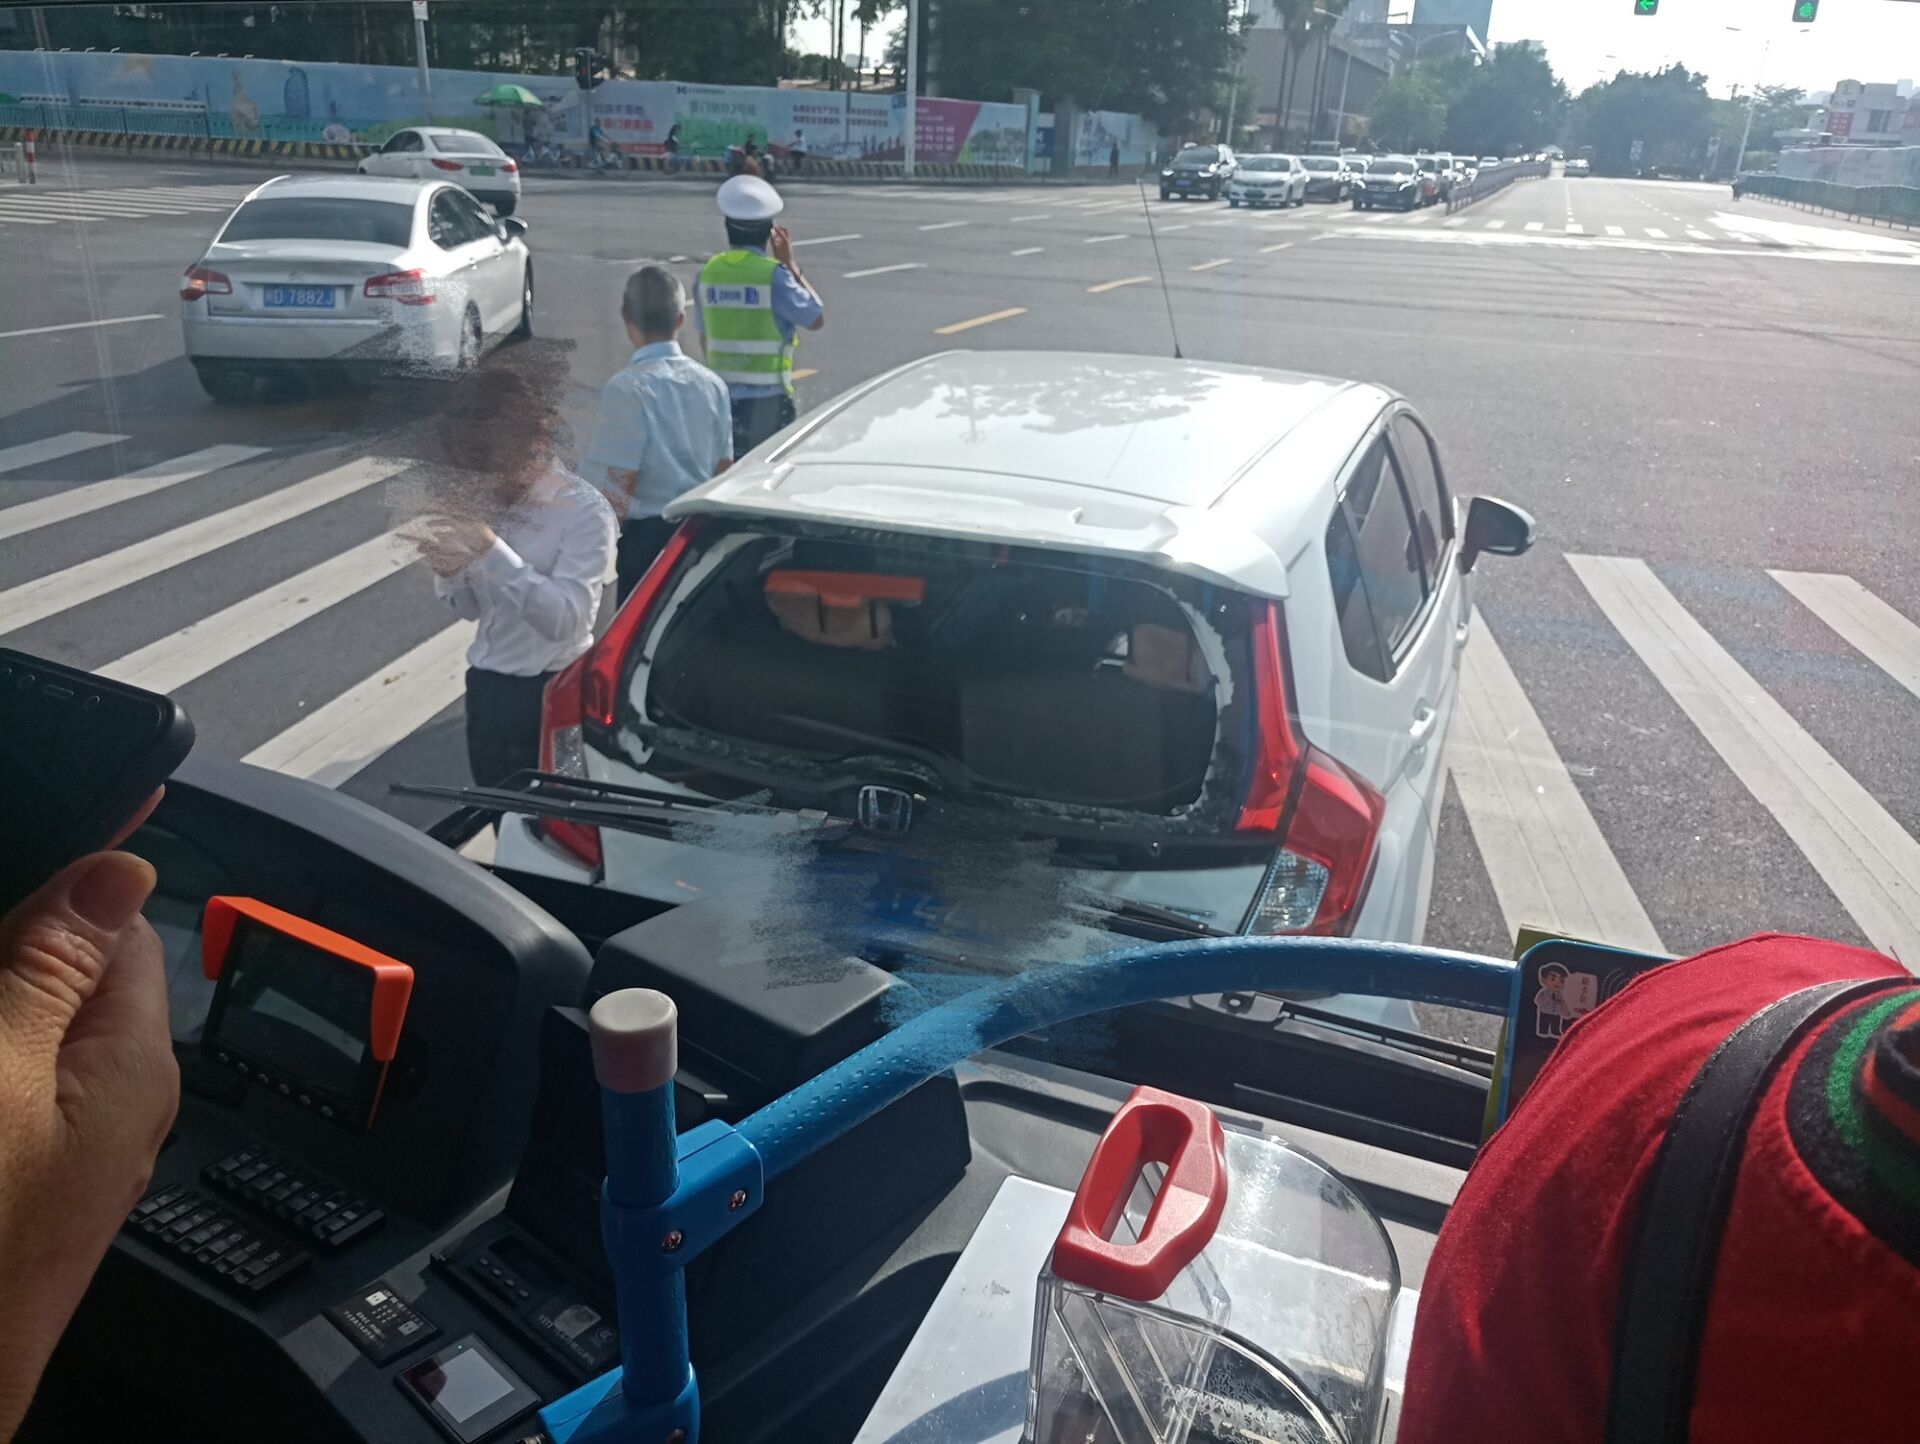 厦门湖滨北路湖滨中路交叉口突发交通事故,公交车猛烈追尾小车,现场有人受伤